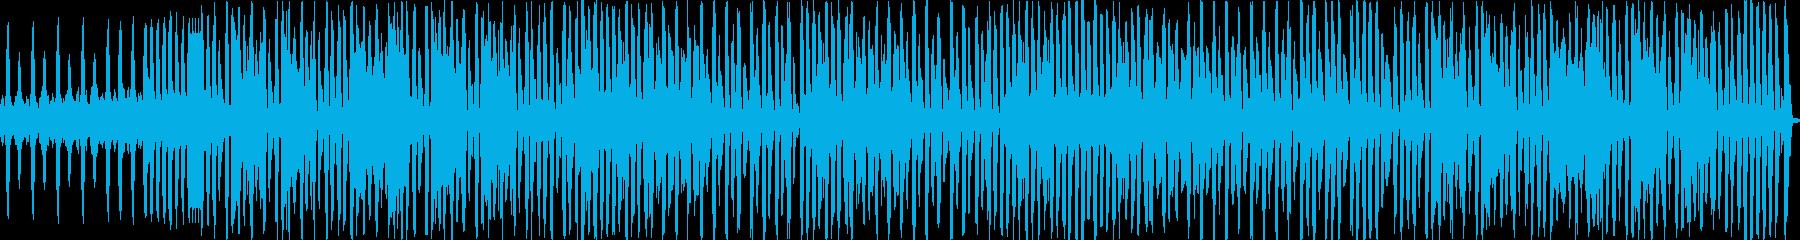 スウィングをハウス風にアレンジの再生済みの波形